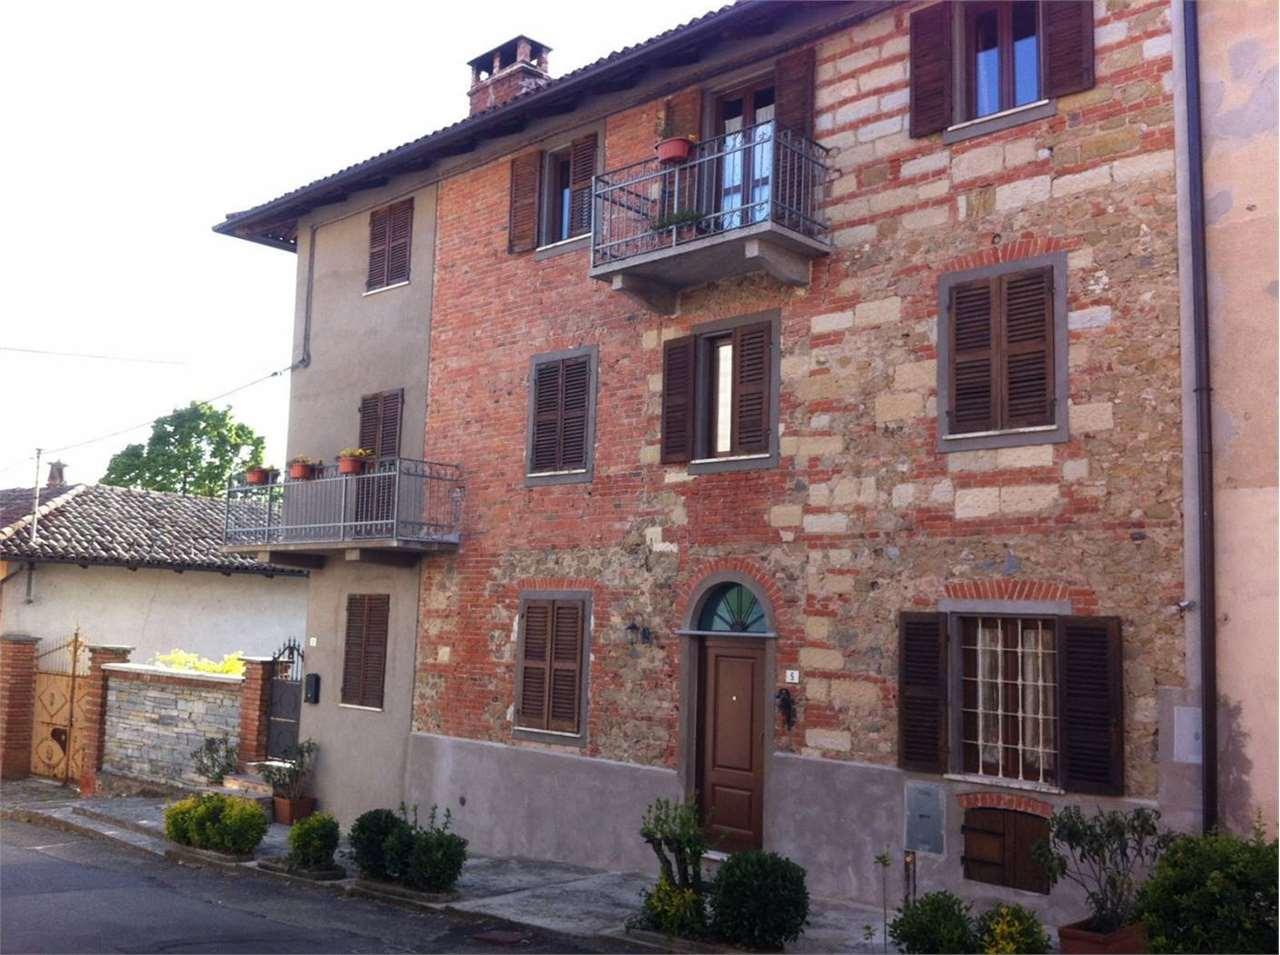 Rustico / Casale in vendita a Alfiano Natta, 5 locali, prezzo € 170.000 | PortaleAgenzieImmobiliari.it